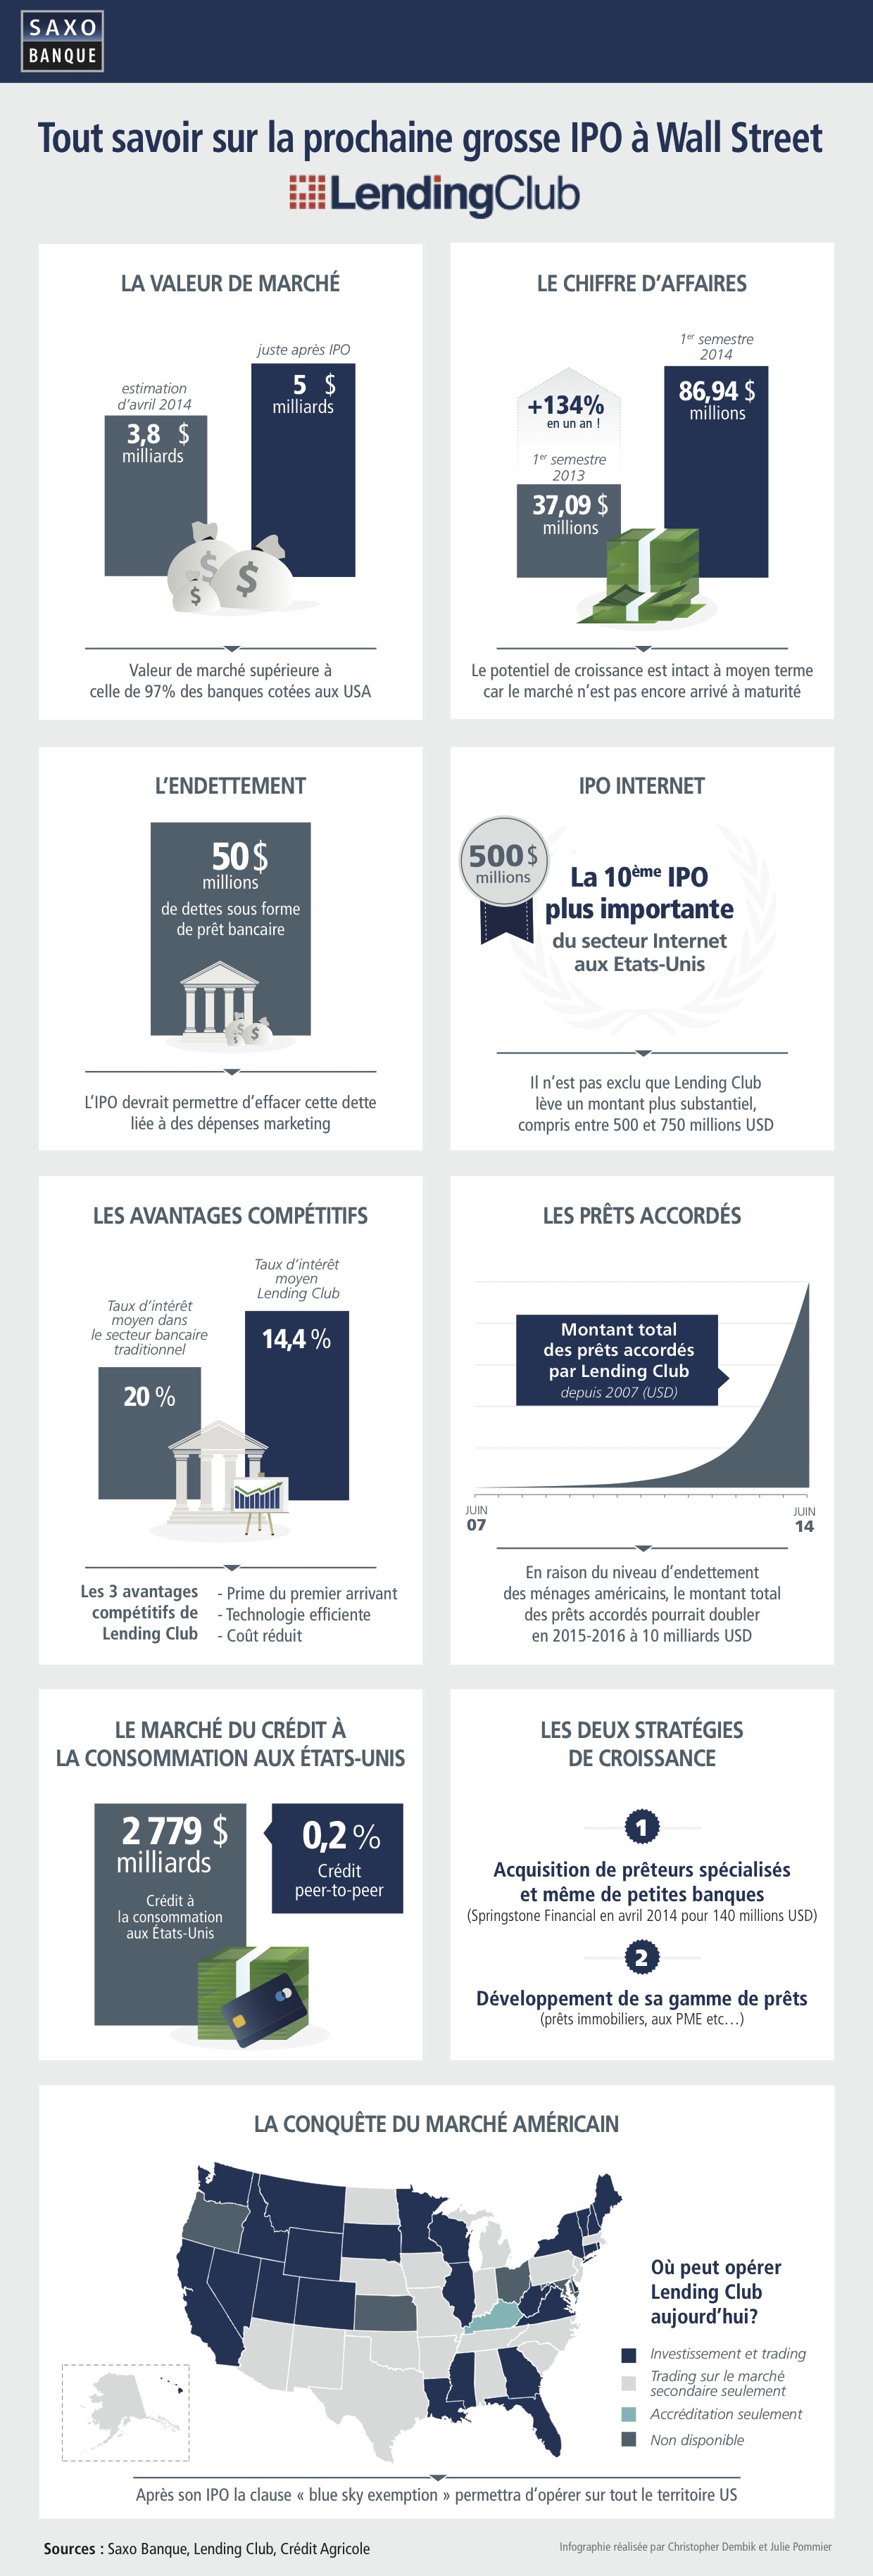 Photo de Crowdfunding : Lending Club, fondé par un Français, lève 870 millions de dollars en Bourse